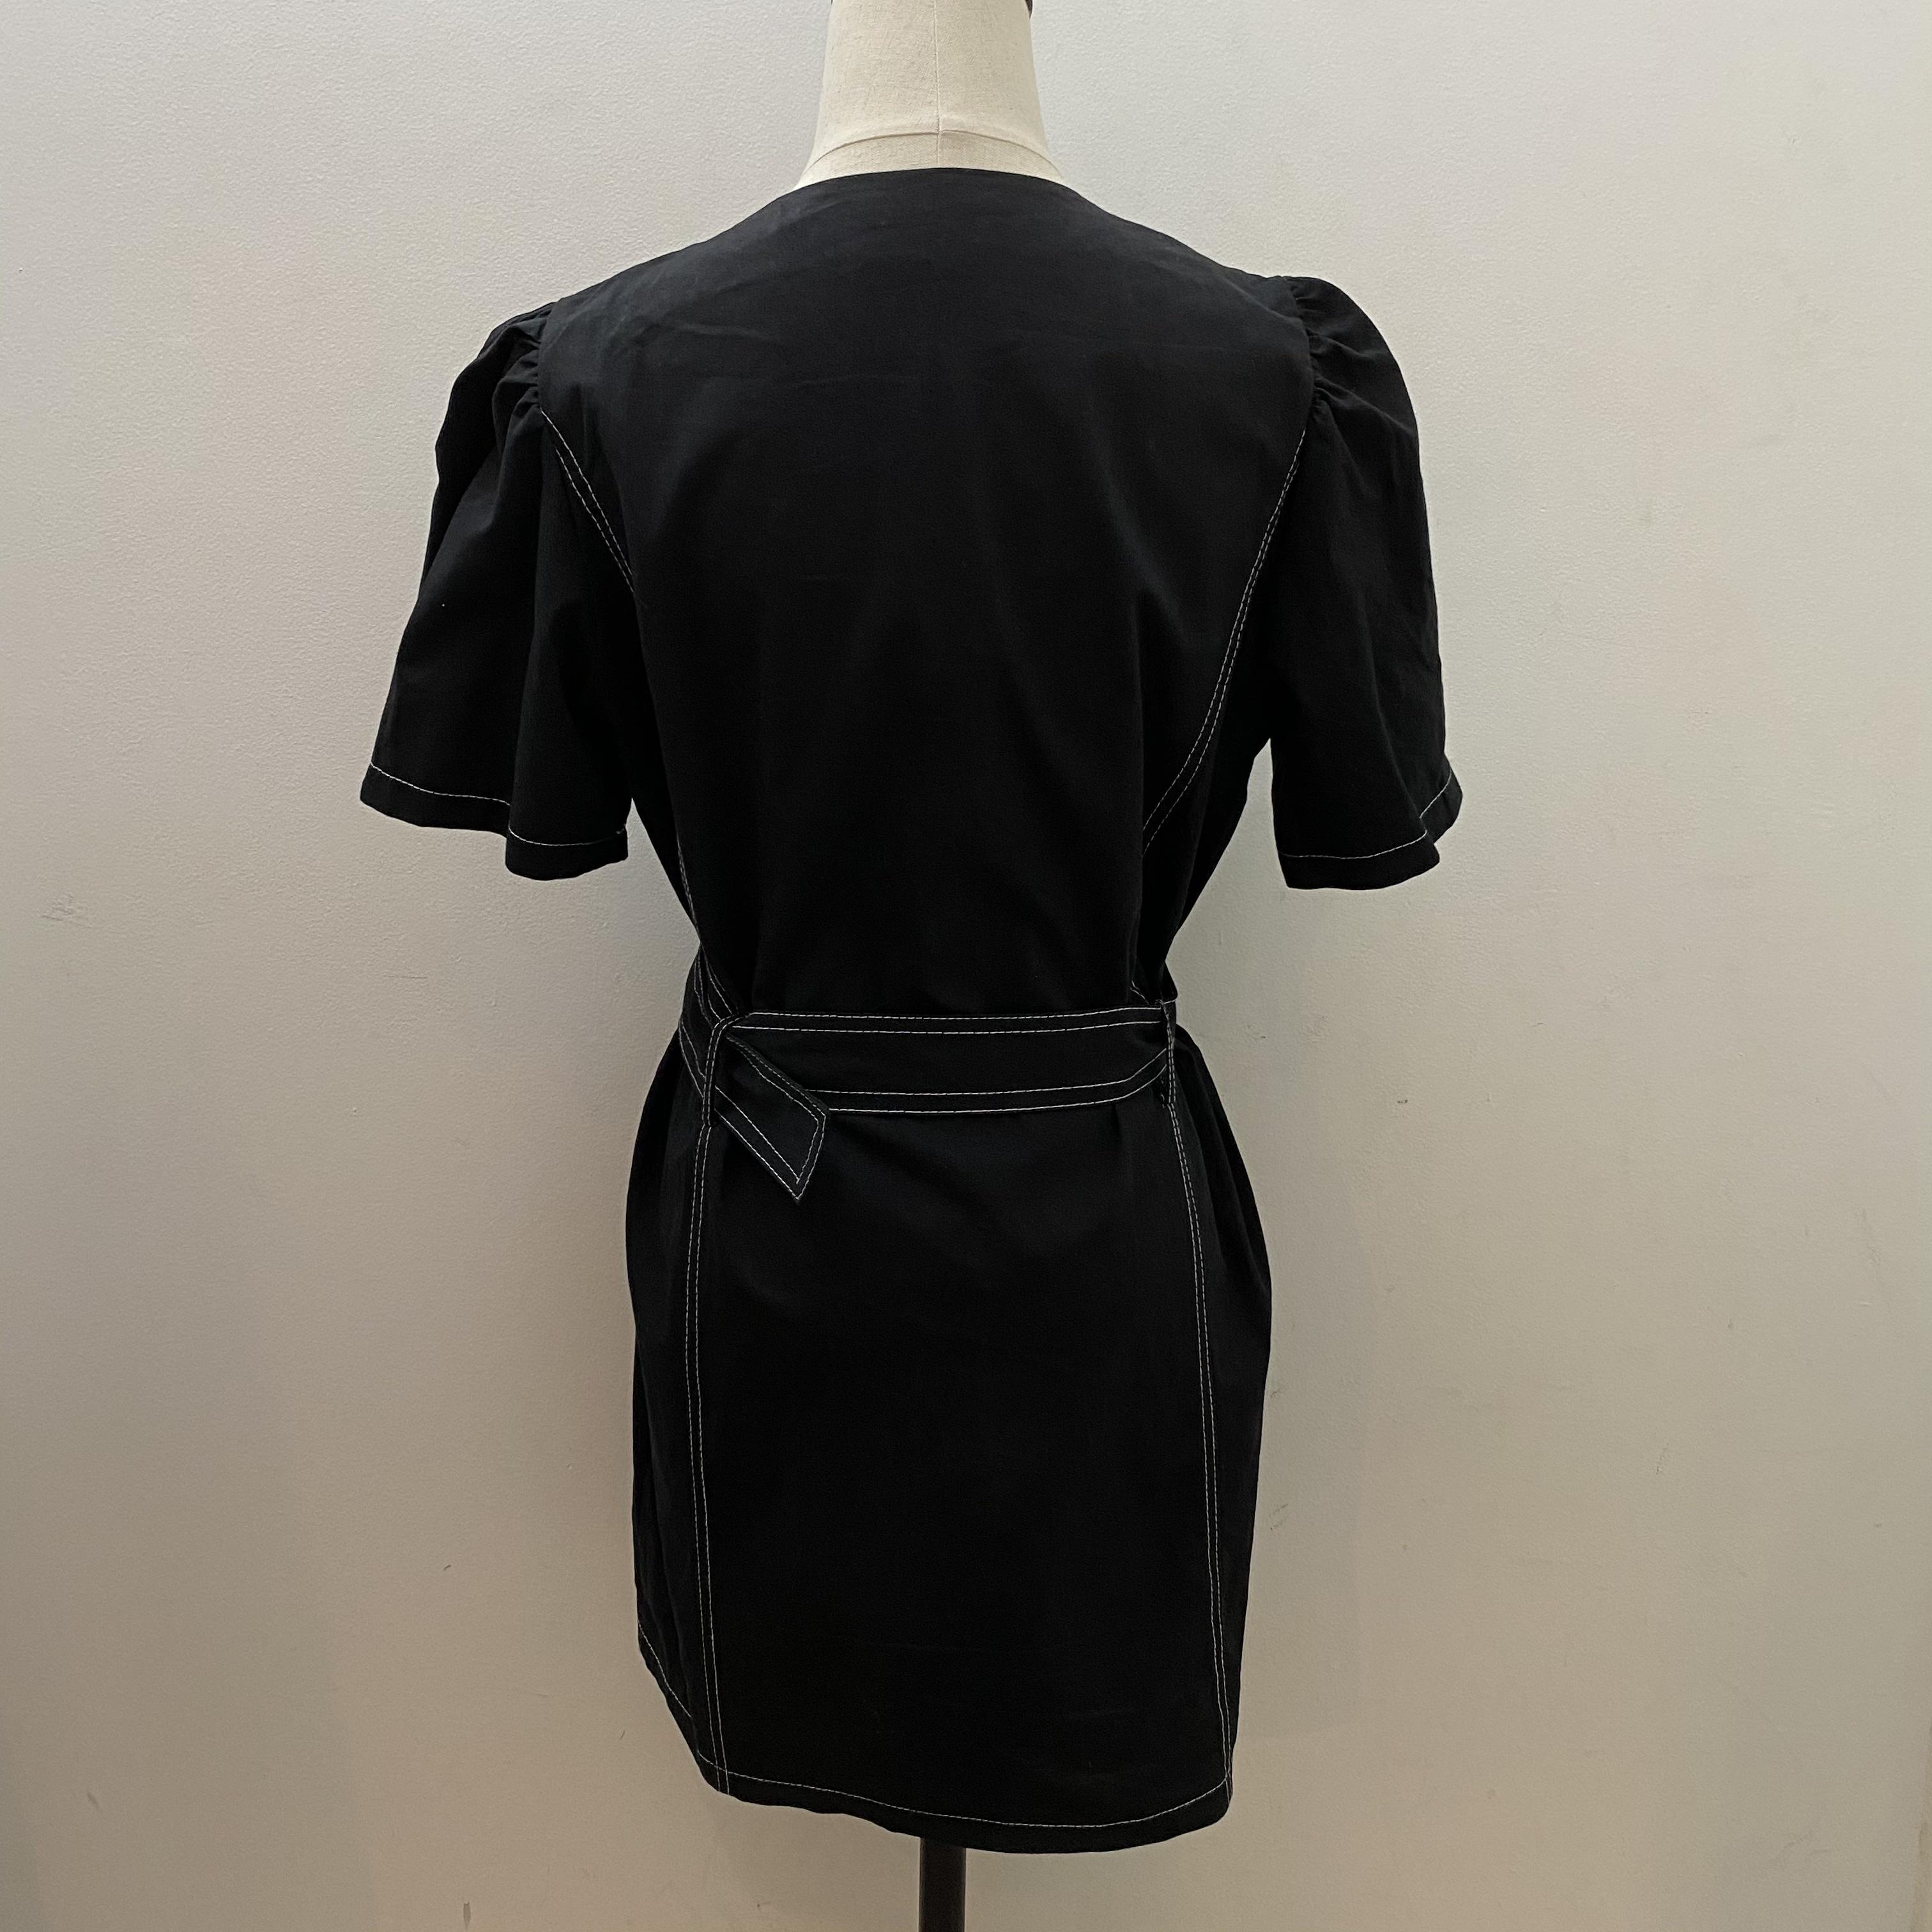 【Belle】stitch onepiece /black